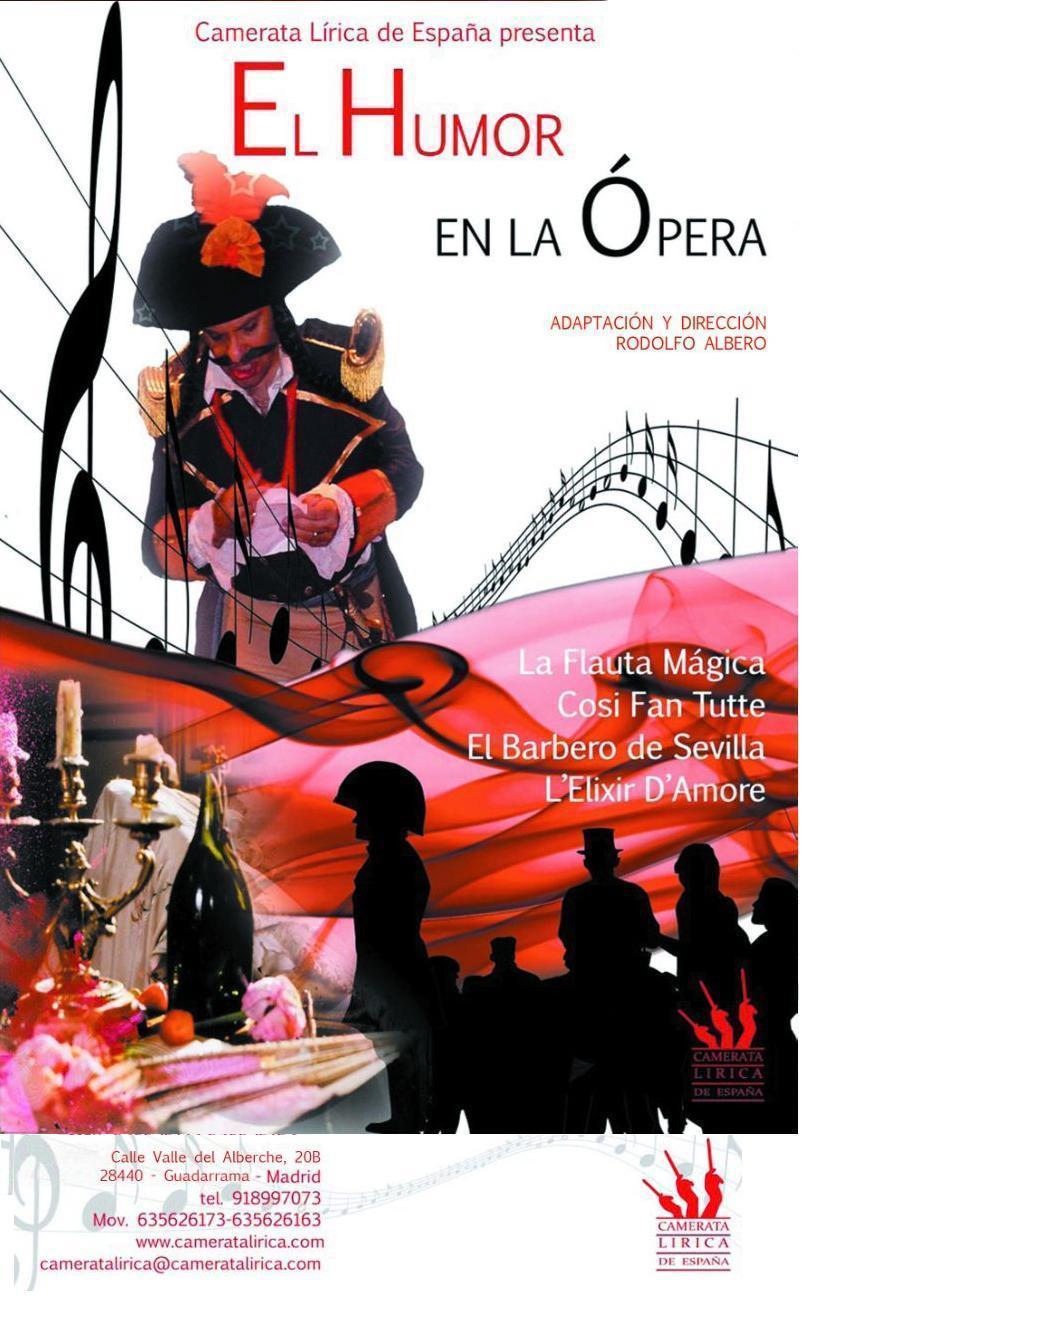 El humor en la opera